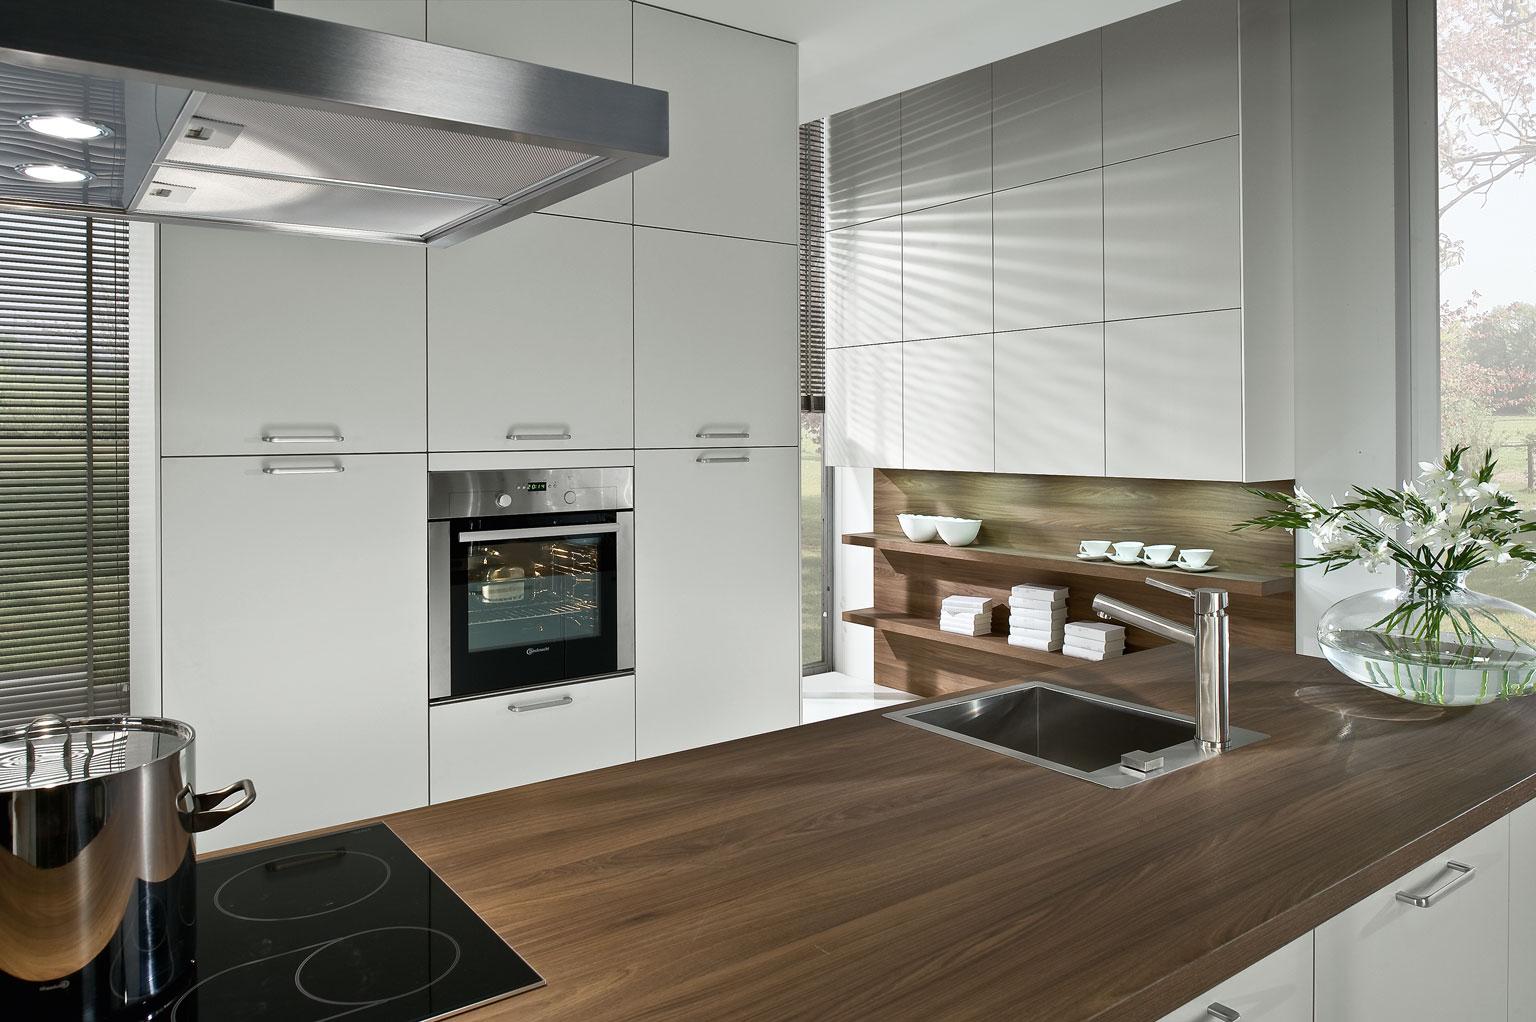 Moderne Keukens Friesland : Moderne keukens vindt u in Friesland bij ...